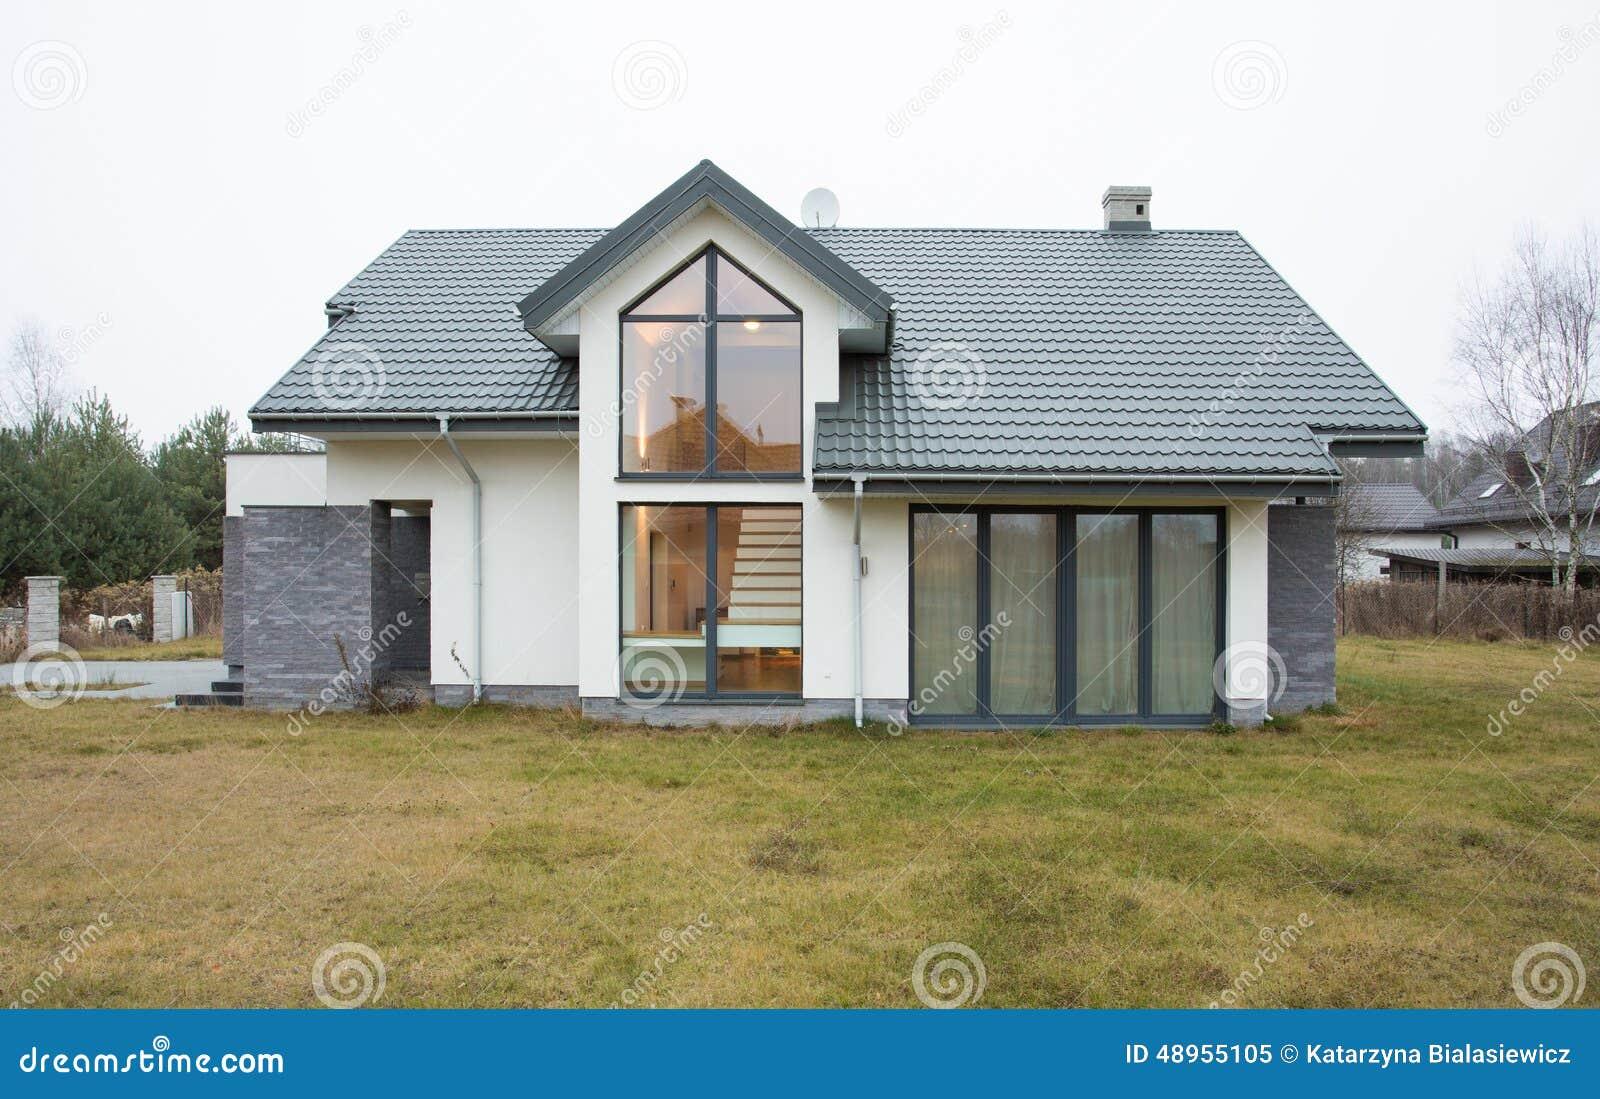 Buitenmening van losgemaakt huis